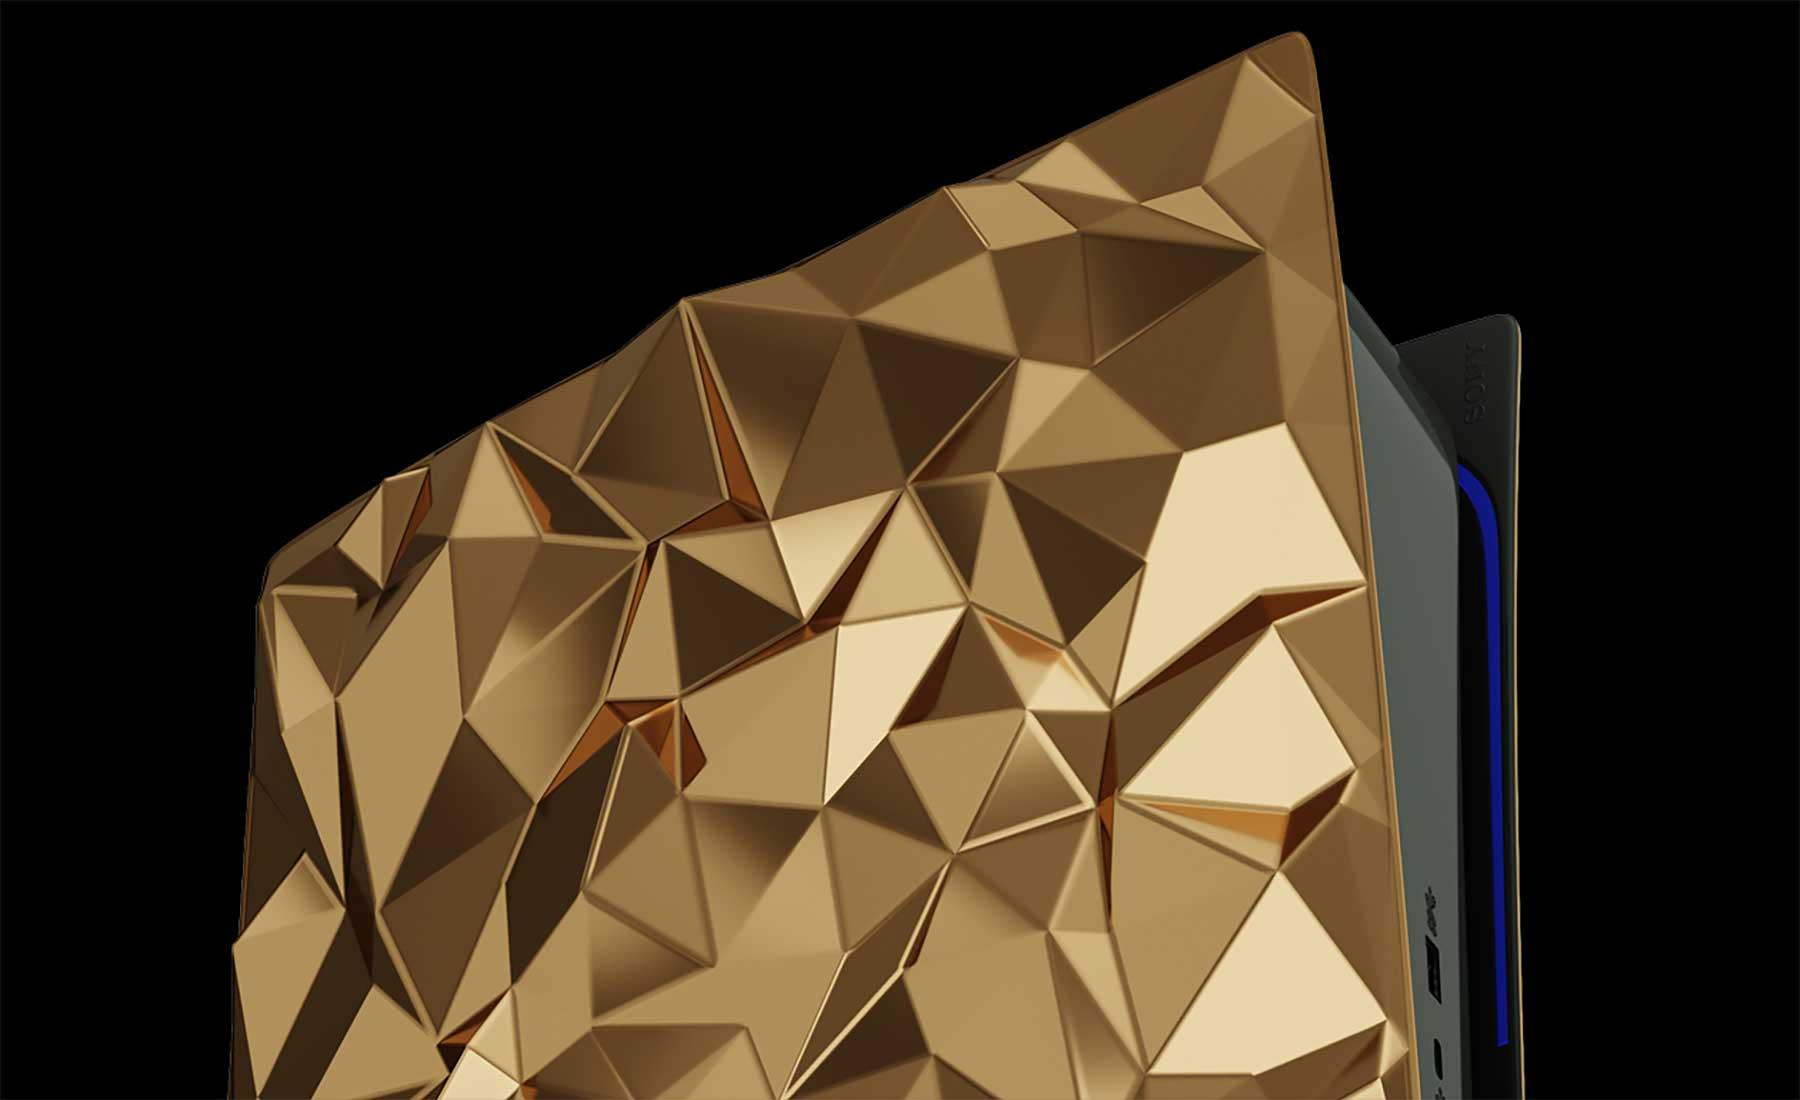 PlayStation 5: Luxus-Konsole mit 20kg Gold verziert